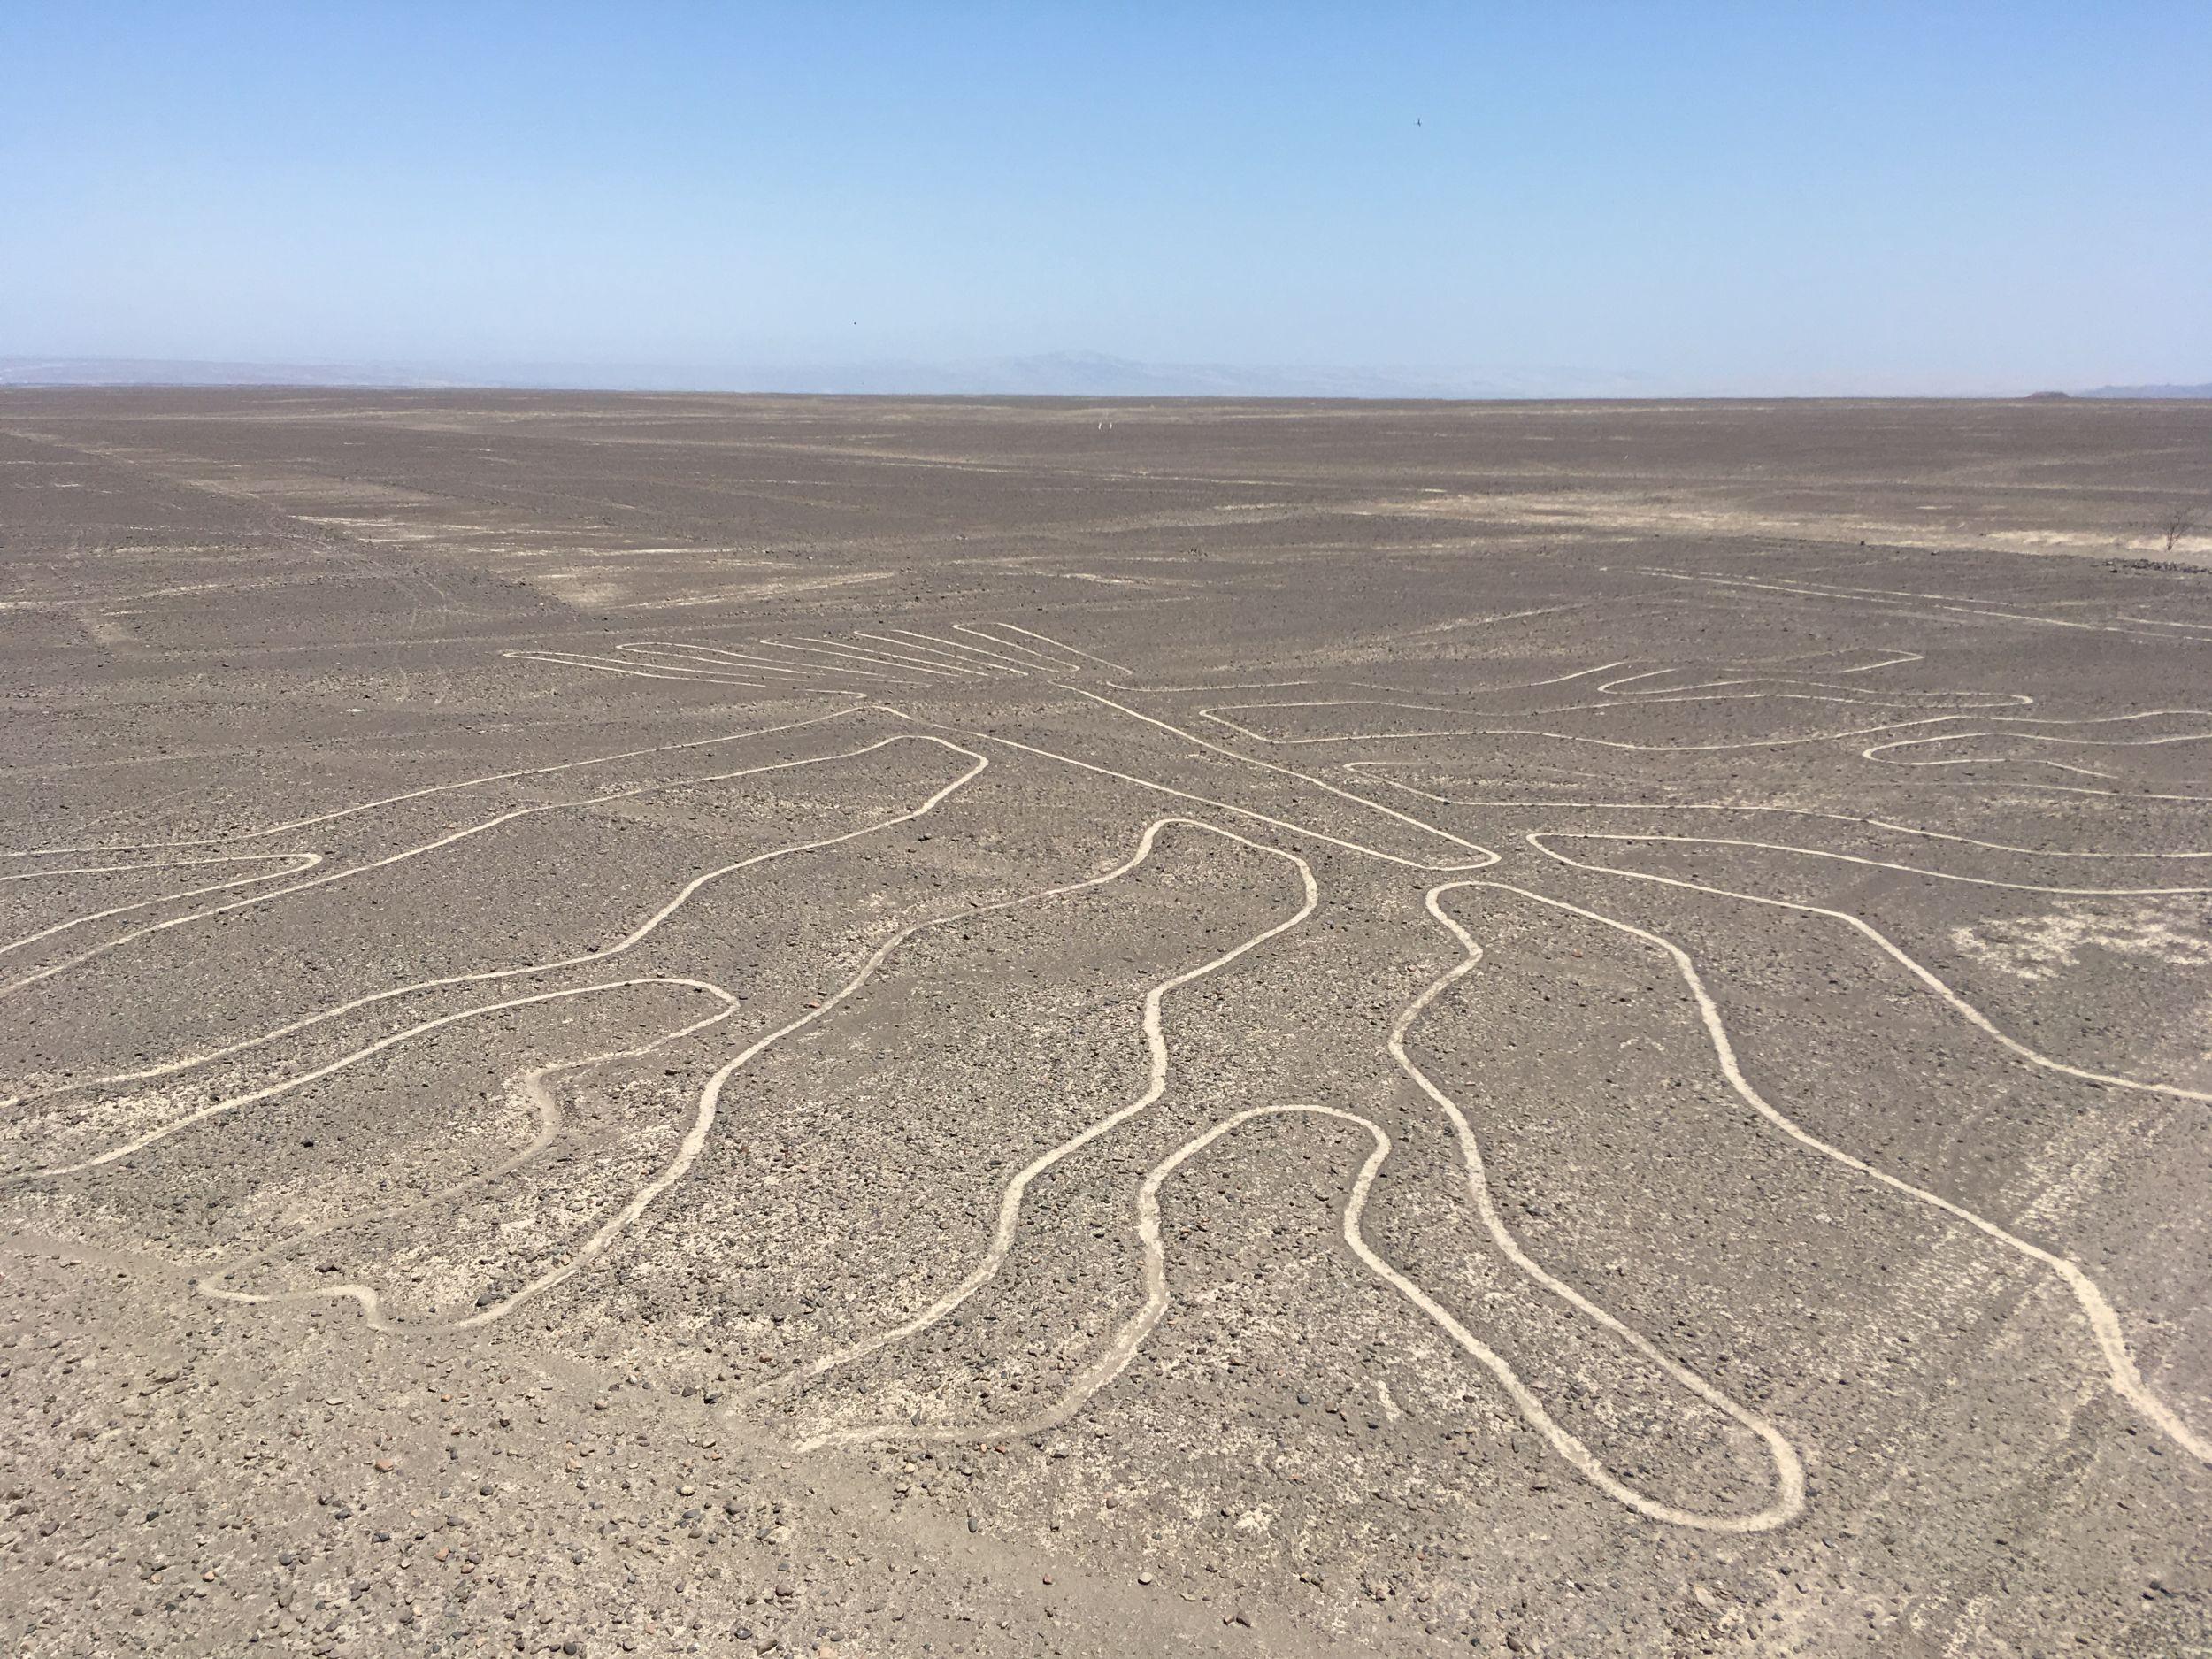 Záhadné obrazce na planině Nazca